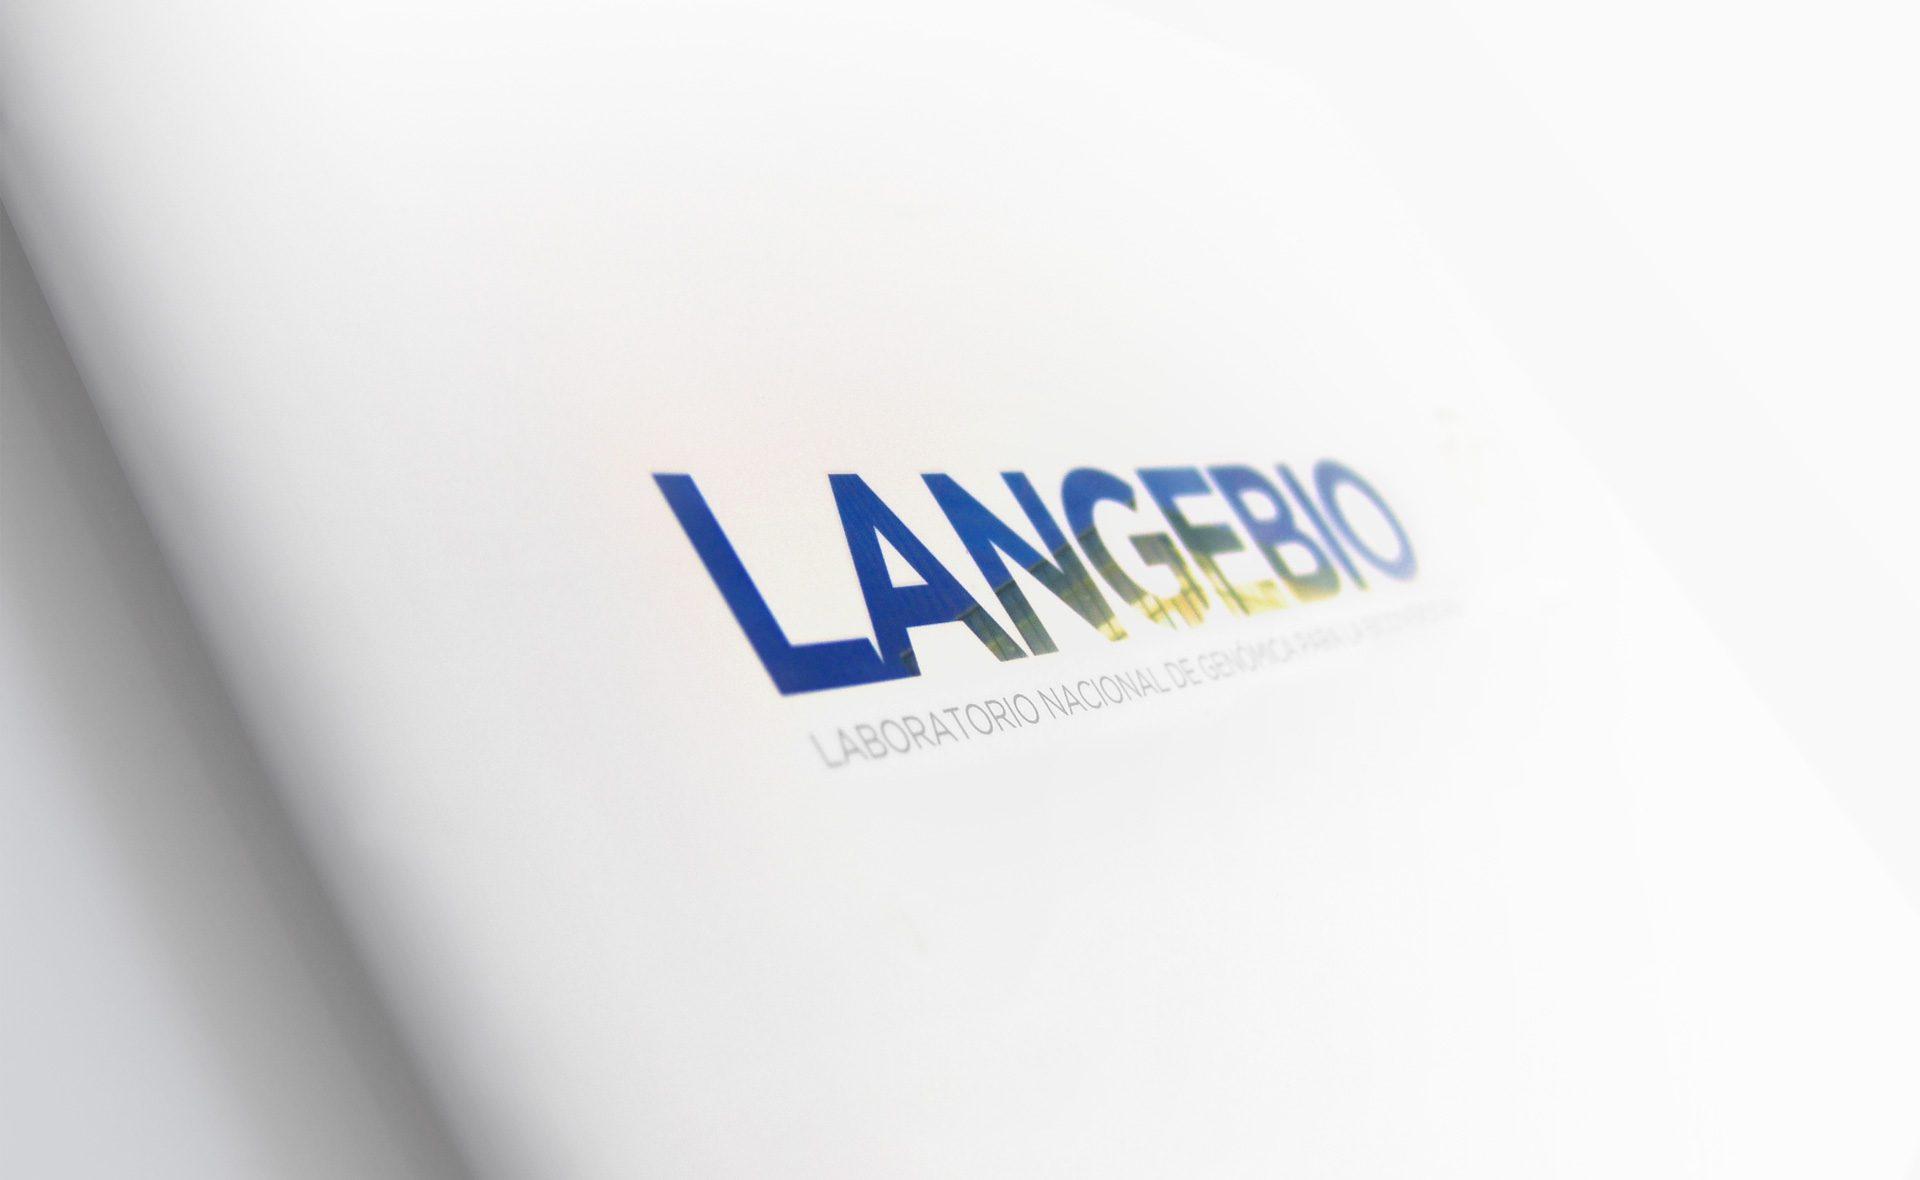 04_lan_identidad_corporativa_marca_logo_guadalajara_branding_buro3_agencia_publicidad